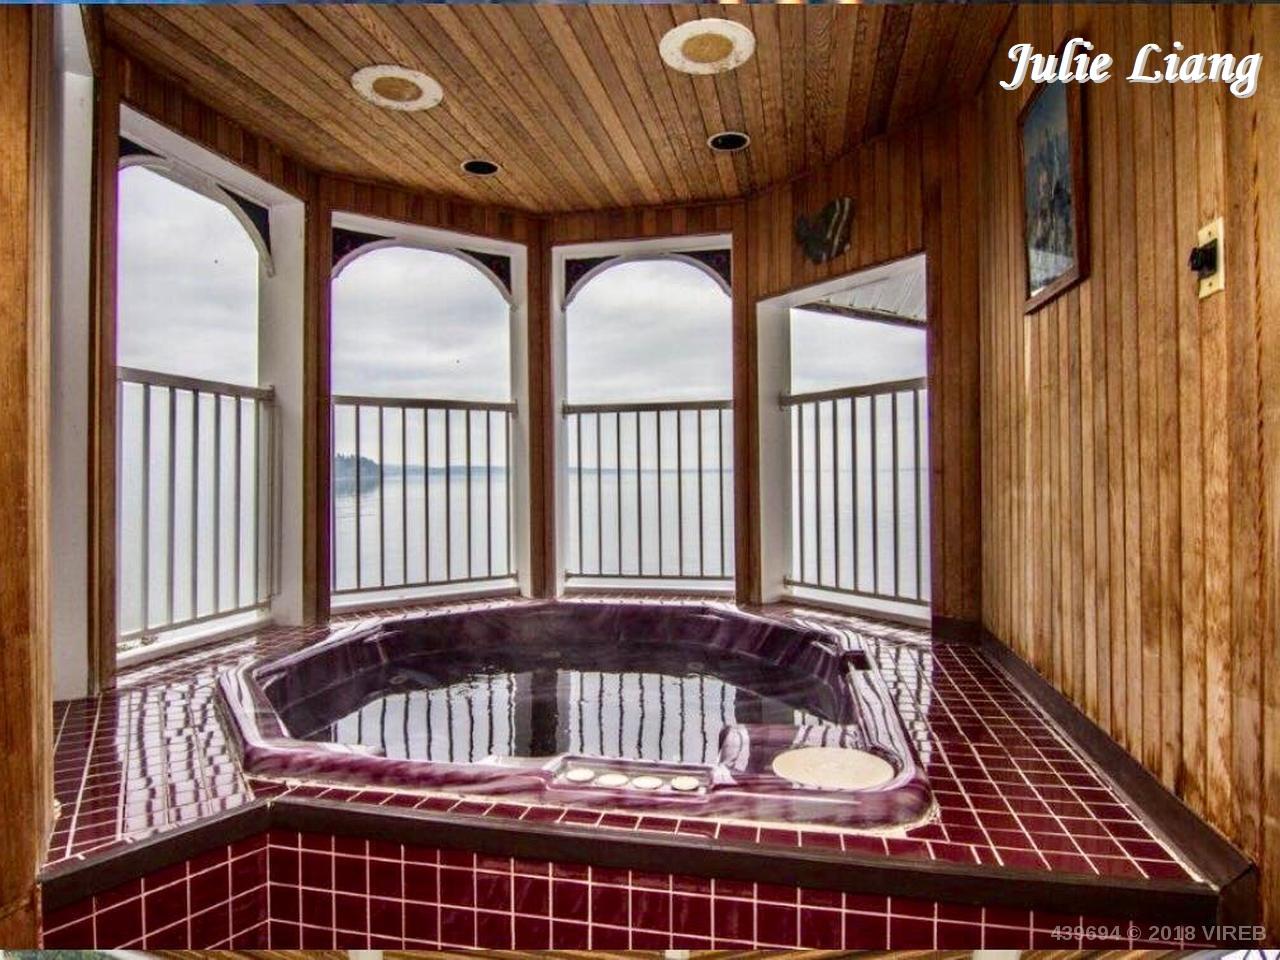 温哥华岛壁画镇 - SOLD!! 温哥华岛壁画镇1.58英亩一线海景度假别墅最新上市!